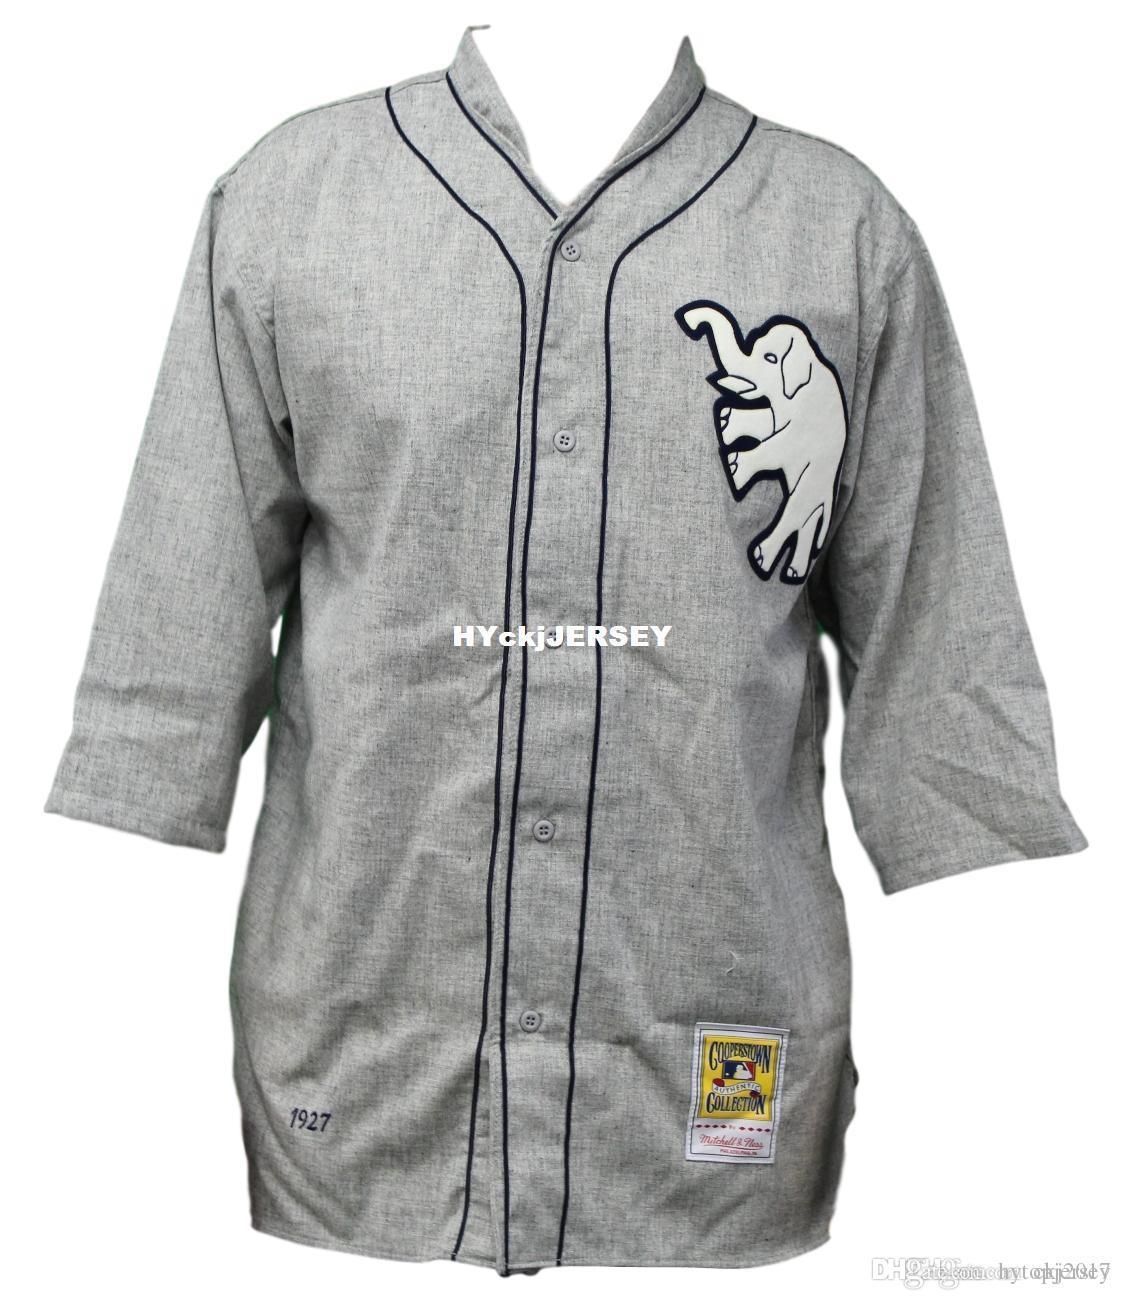 Günstige Philadelphia Athletics Mitchell Ness Retro 1927 Wolle Startseite Grau Jersey